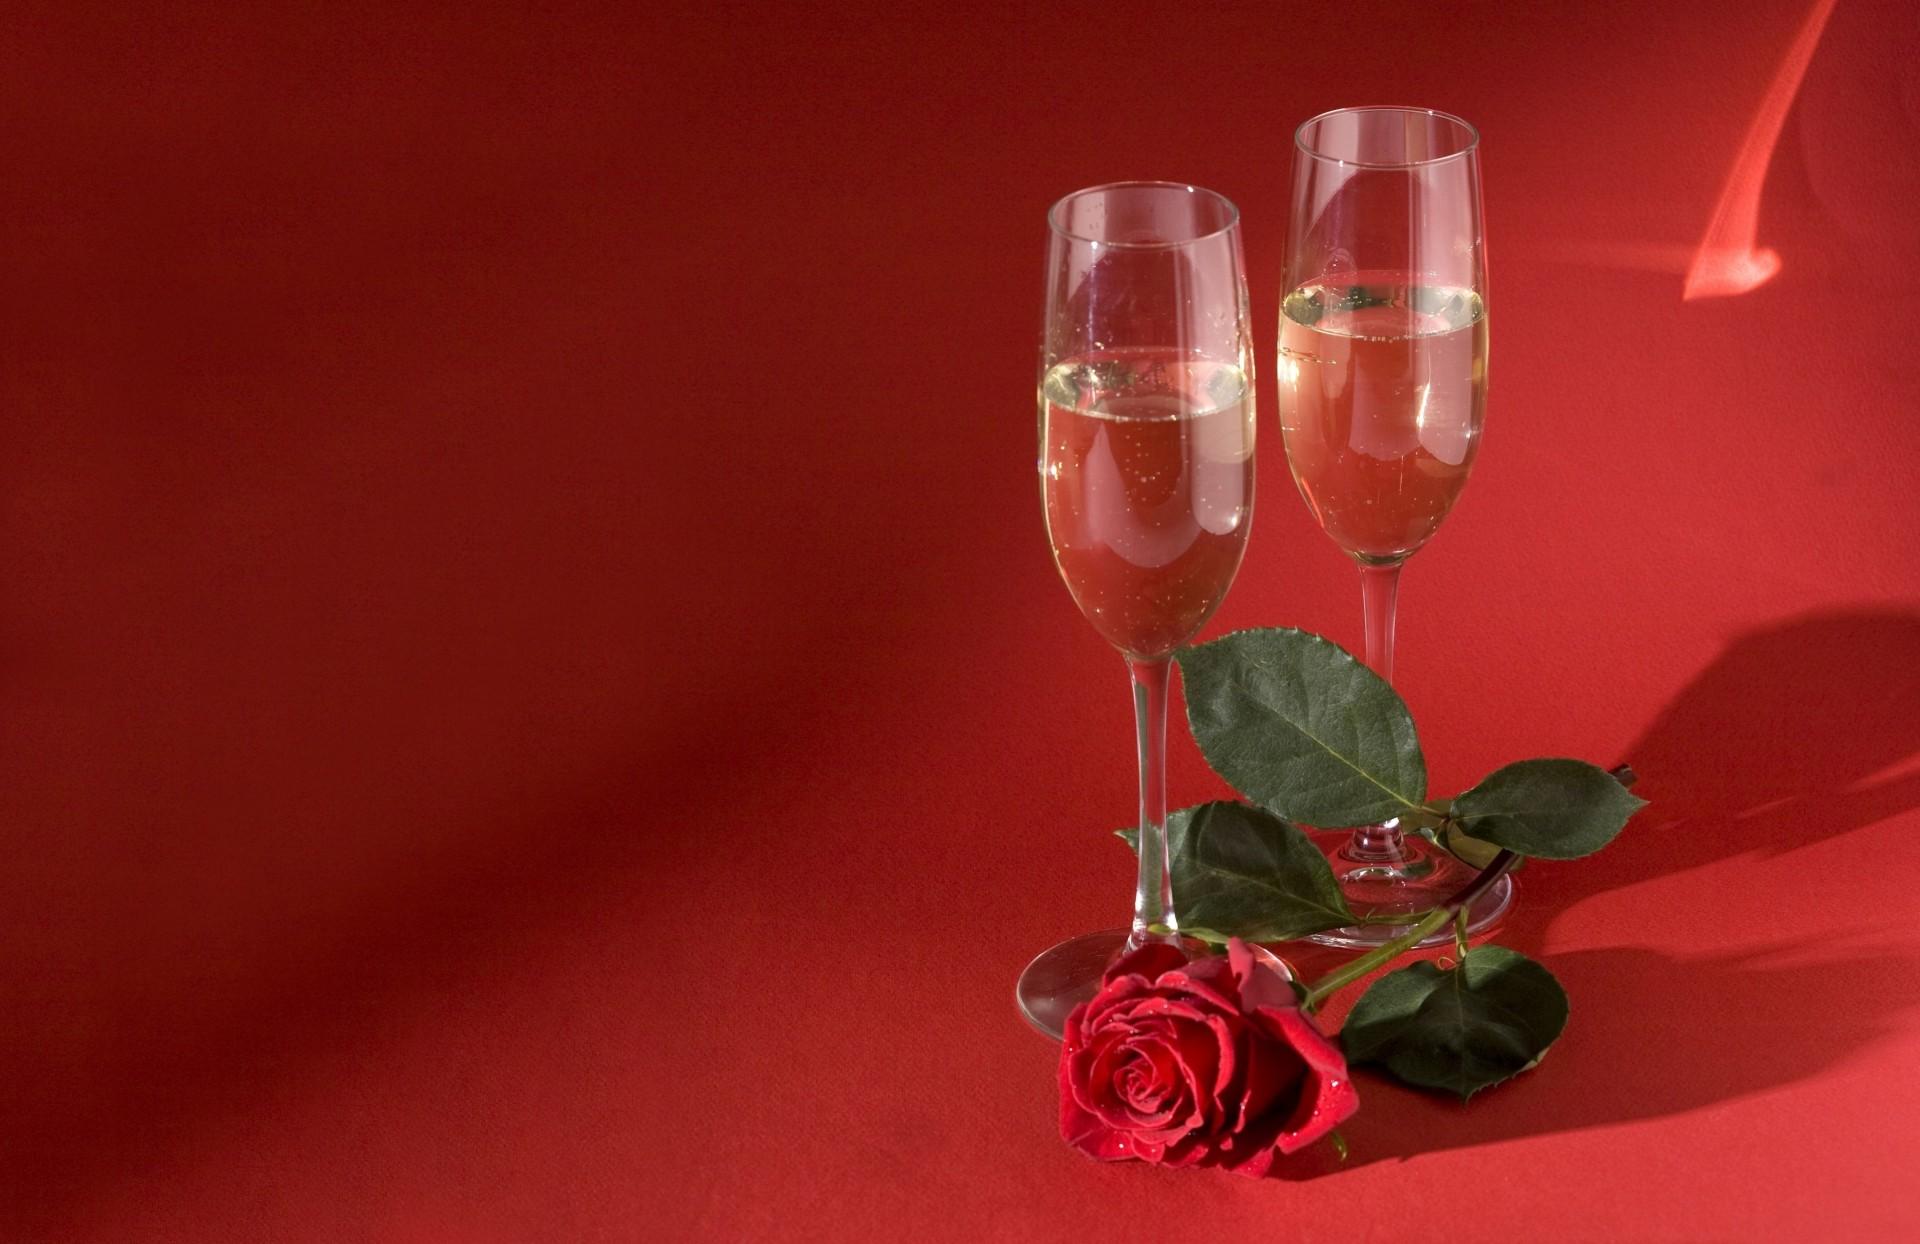 организациях картинки с бокалами и розами двор, летняя